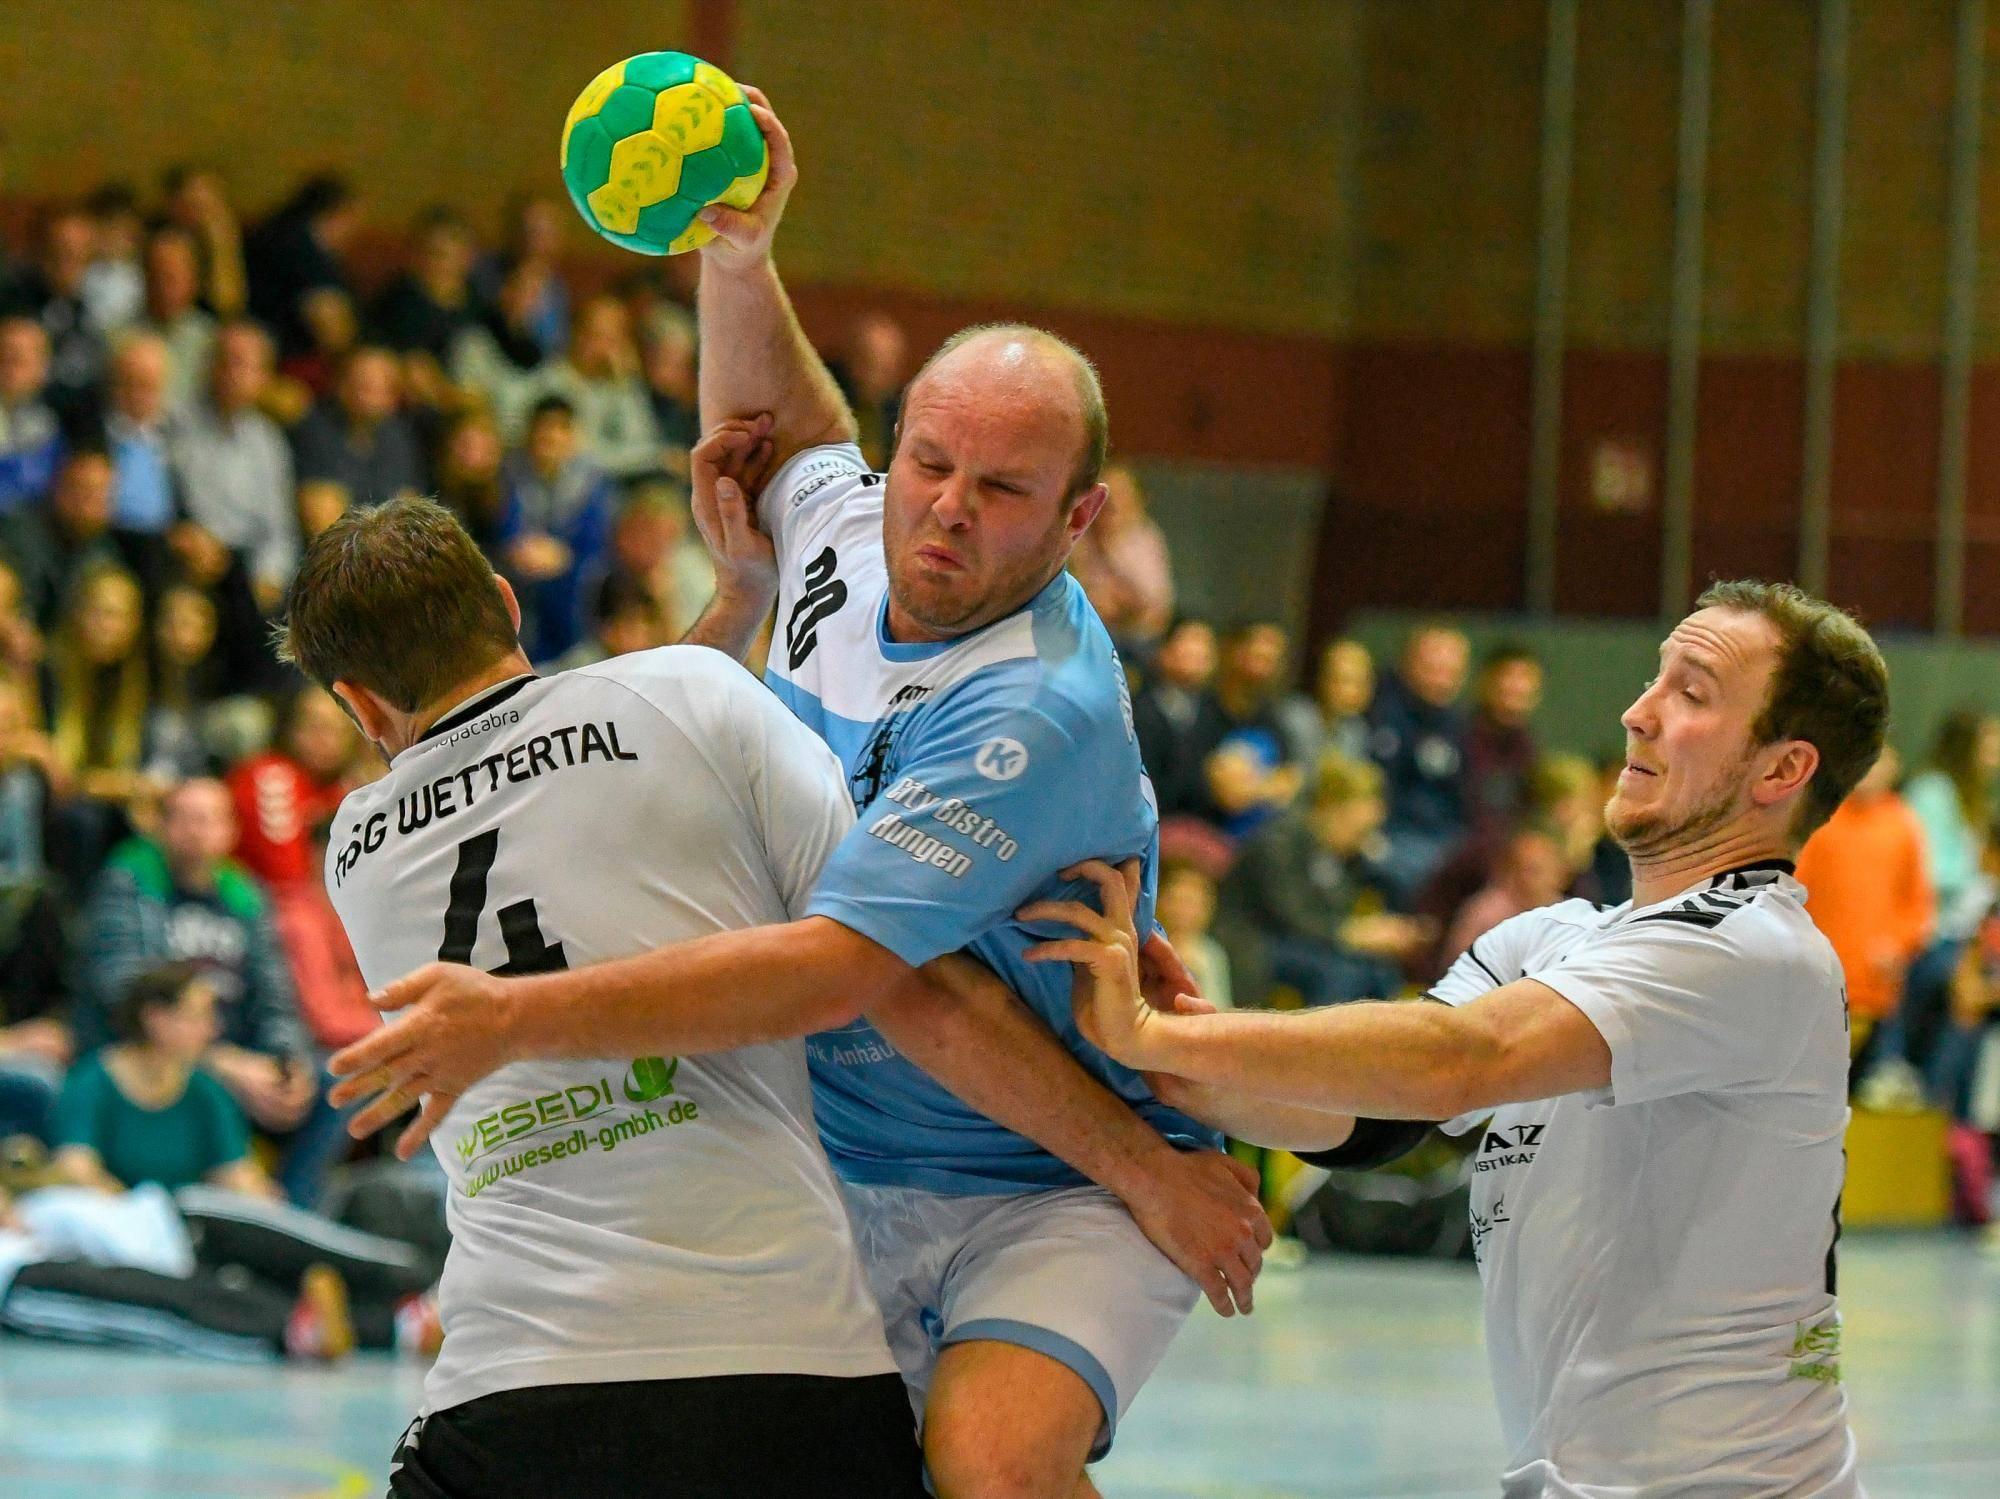 Handball-Bezirksoberliga: Marc Weller führt dritte Garnitur